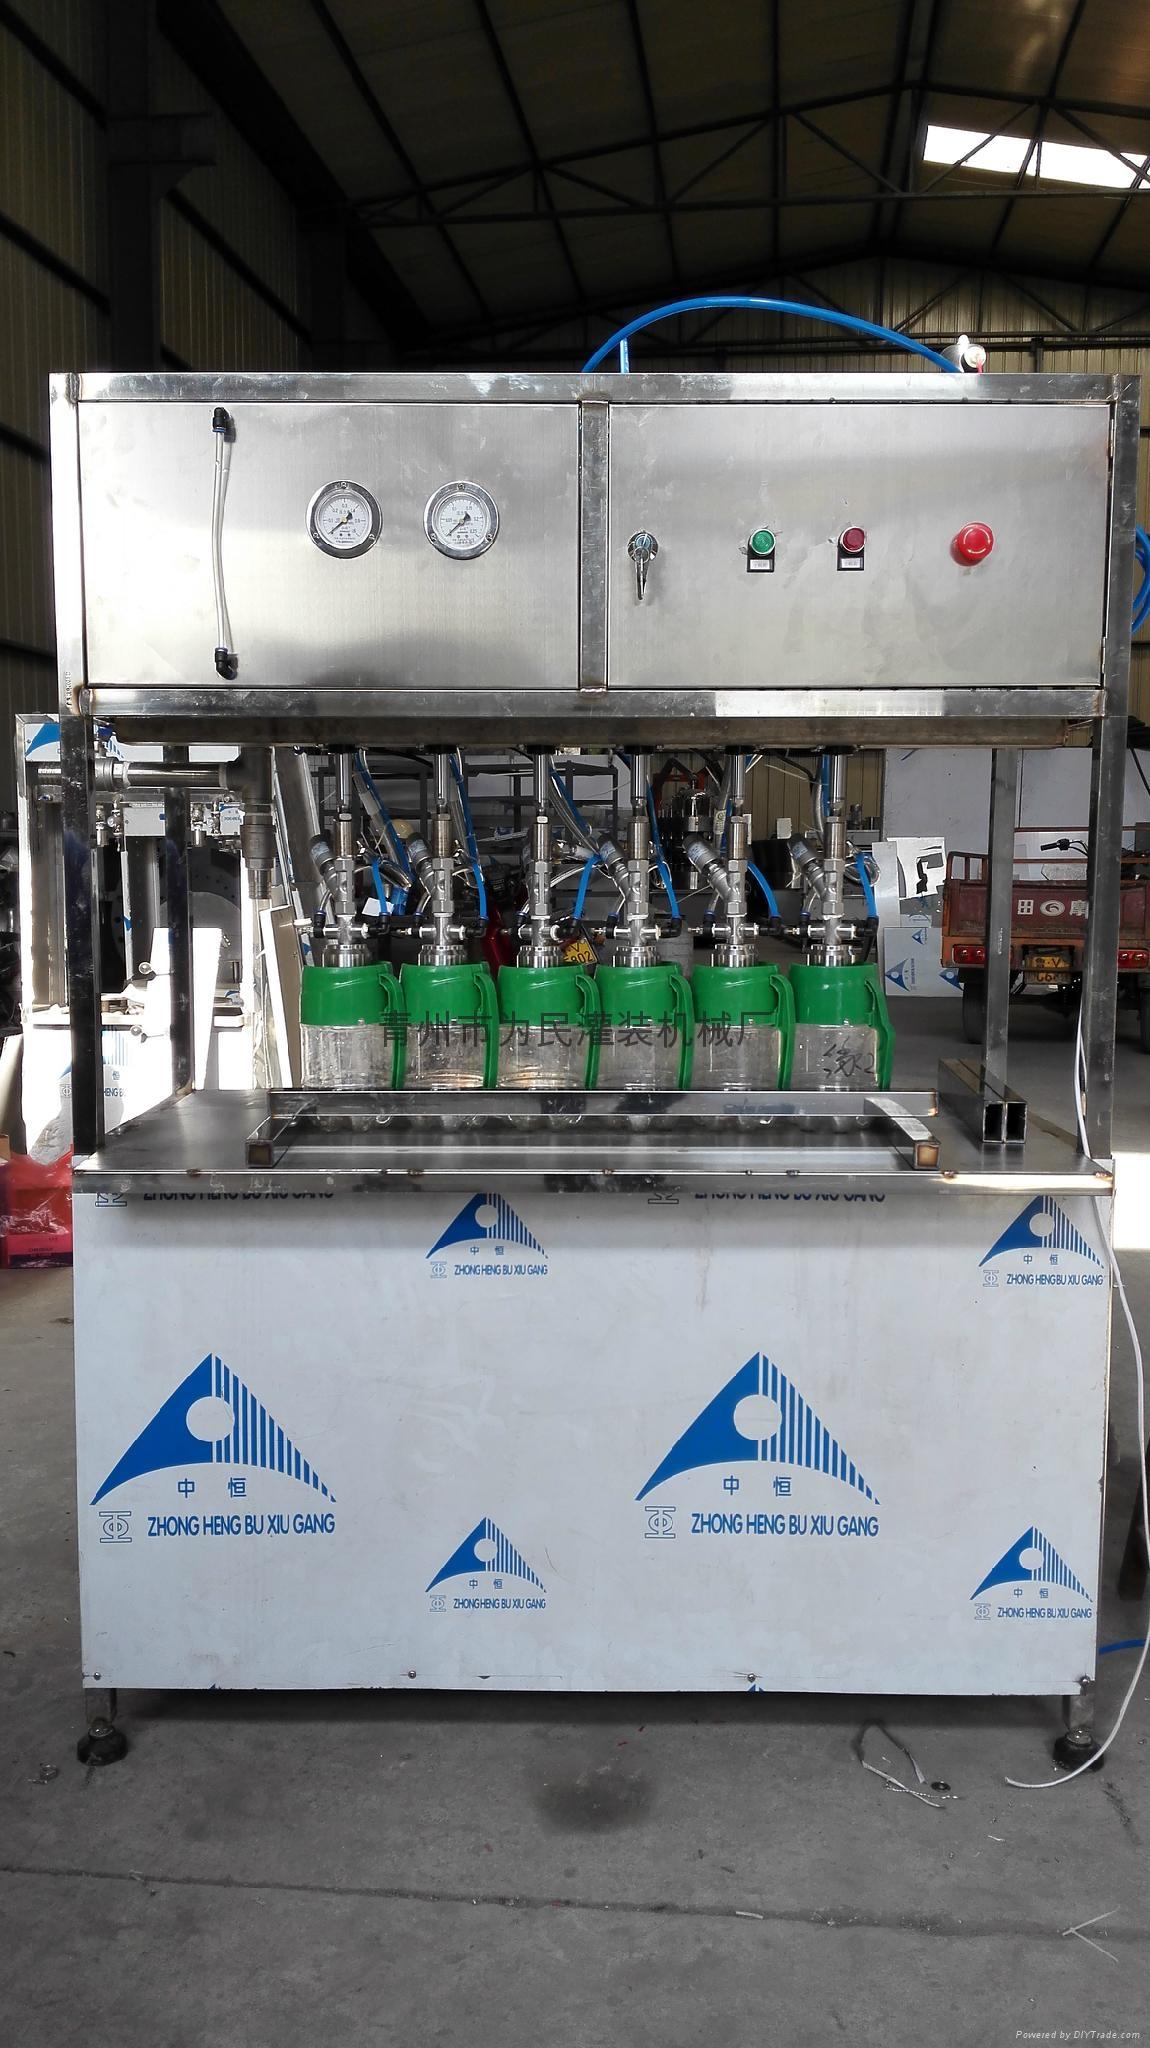 WM-12扎啤鲜啤灌装机 2